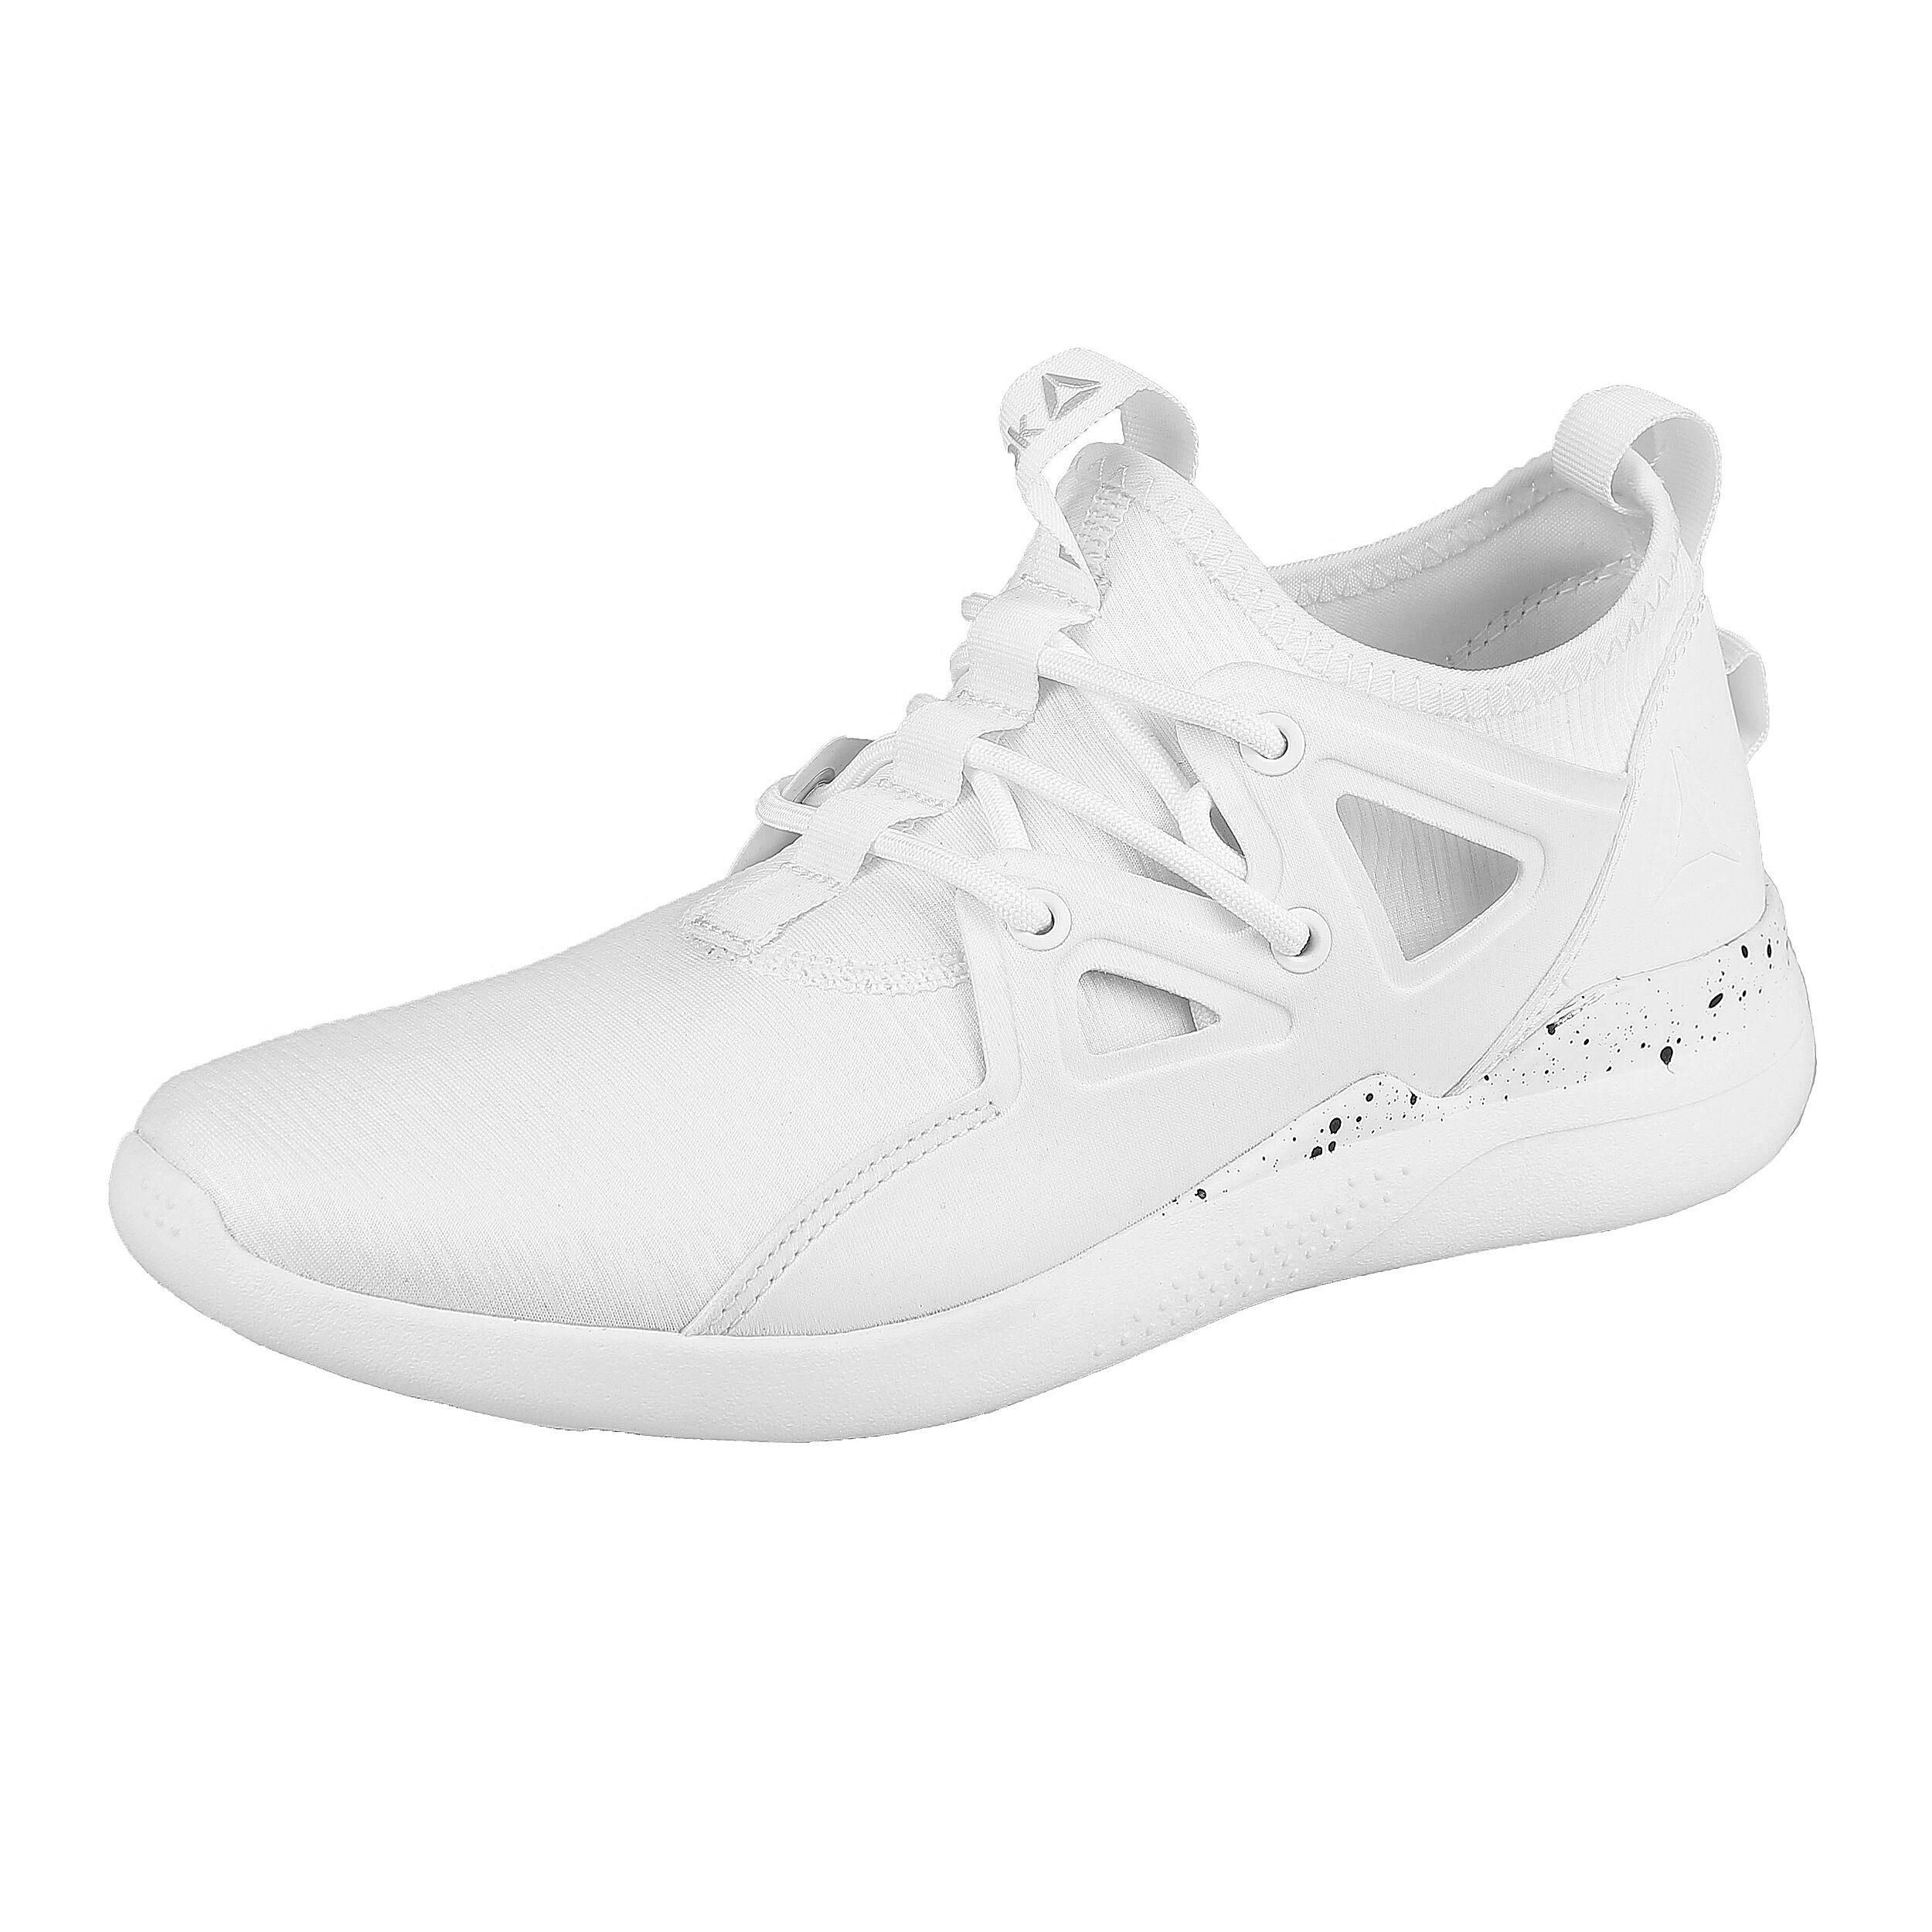 Reebok Cardio Motion Fitnessschuh Damen Weiß, Schwarz